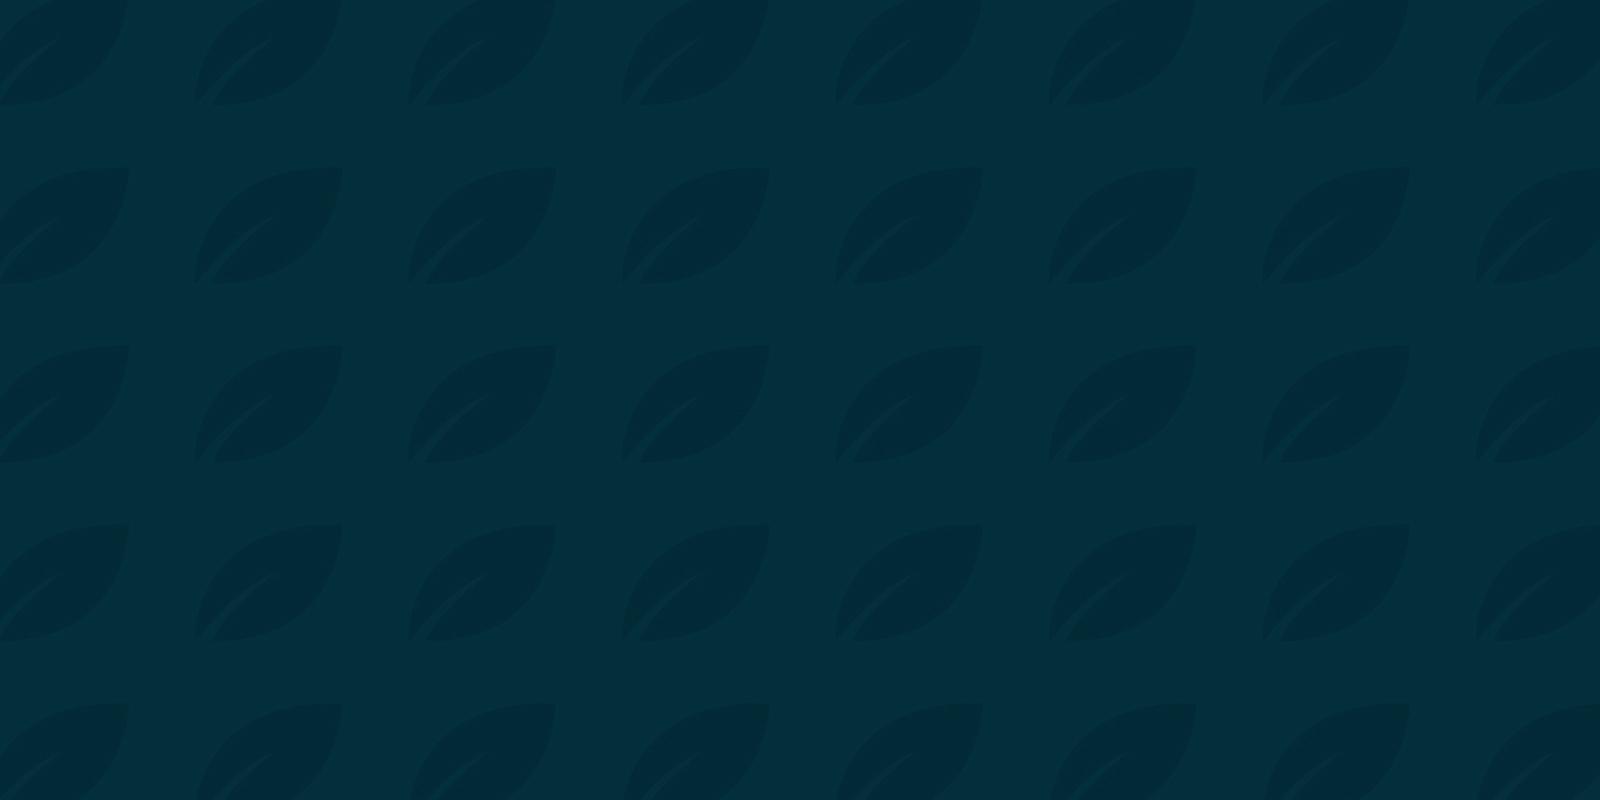 Feuilles-banniere-bleu